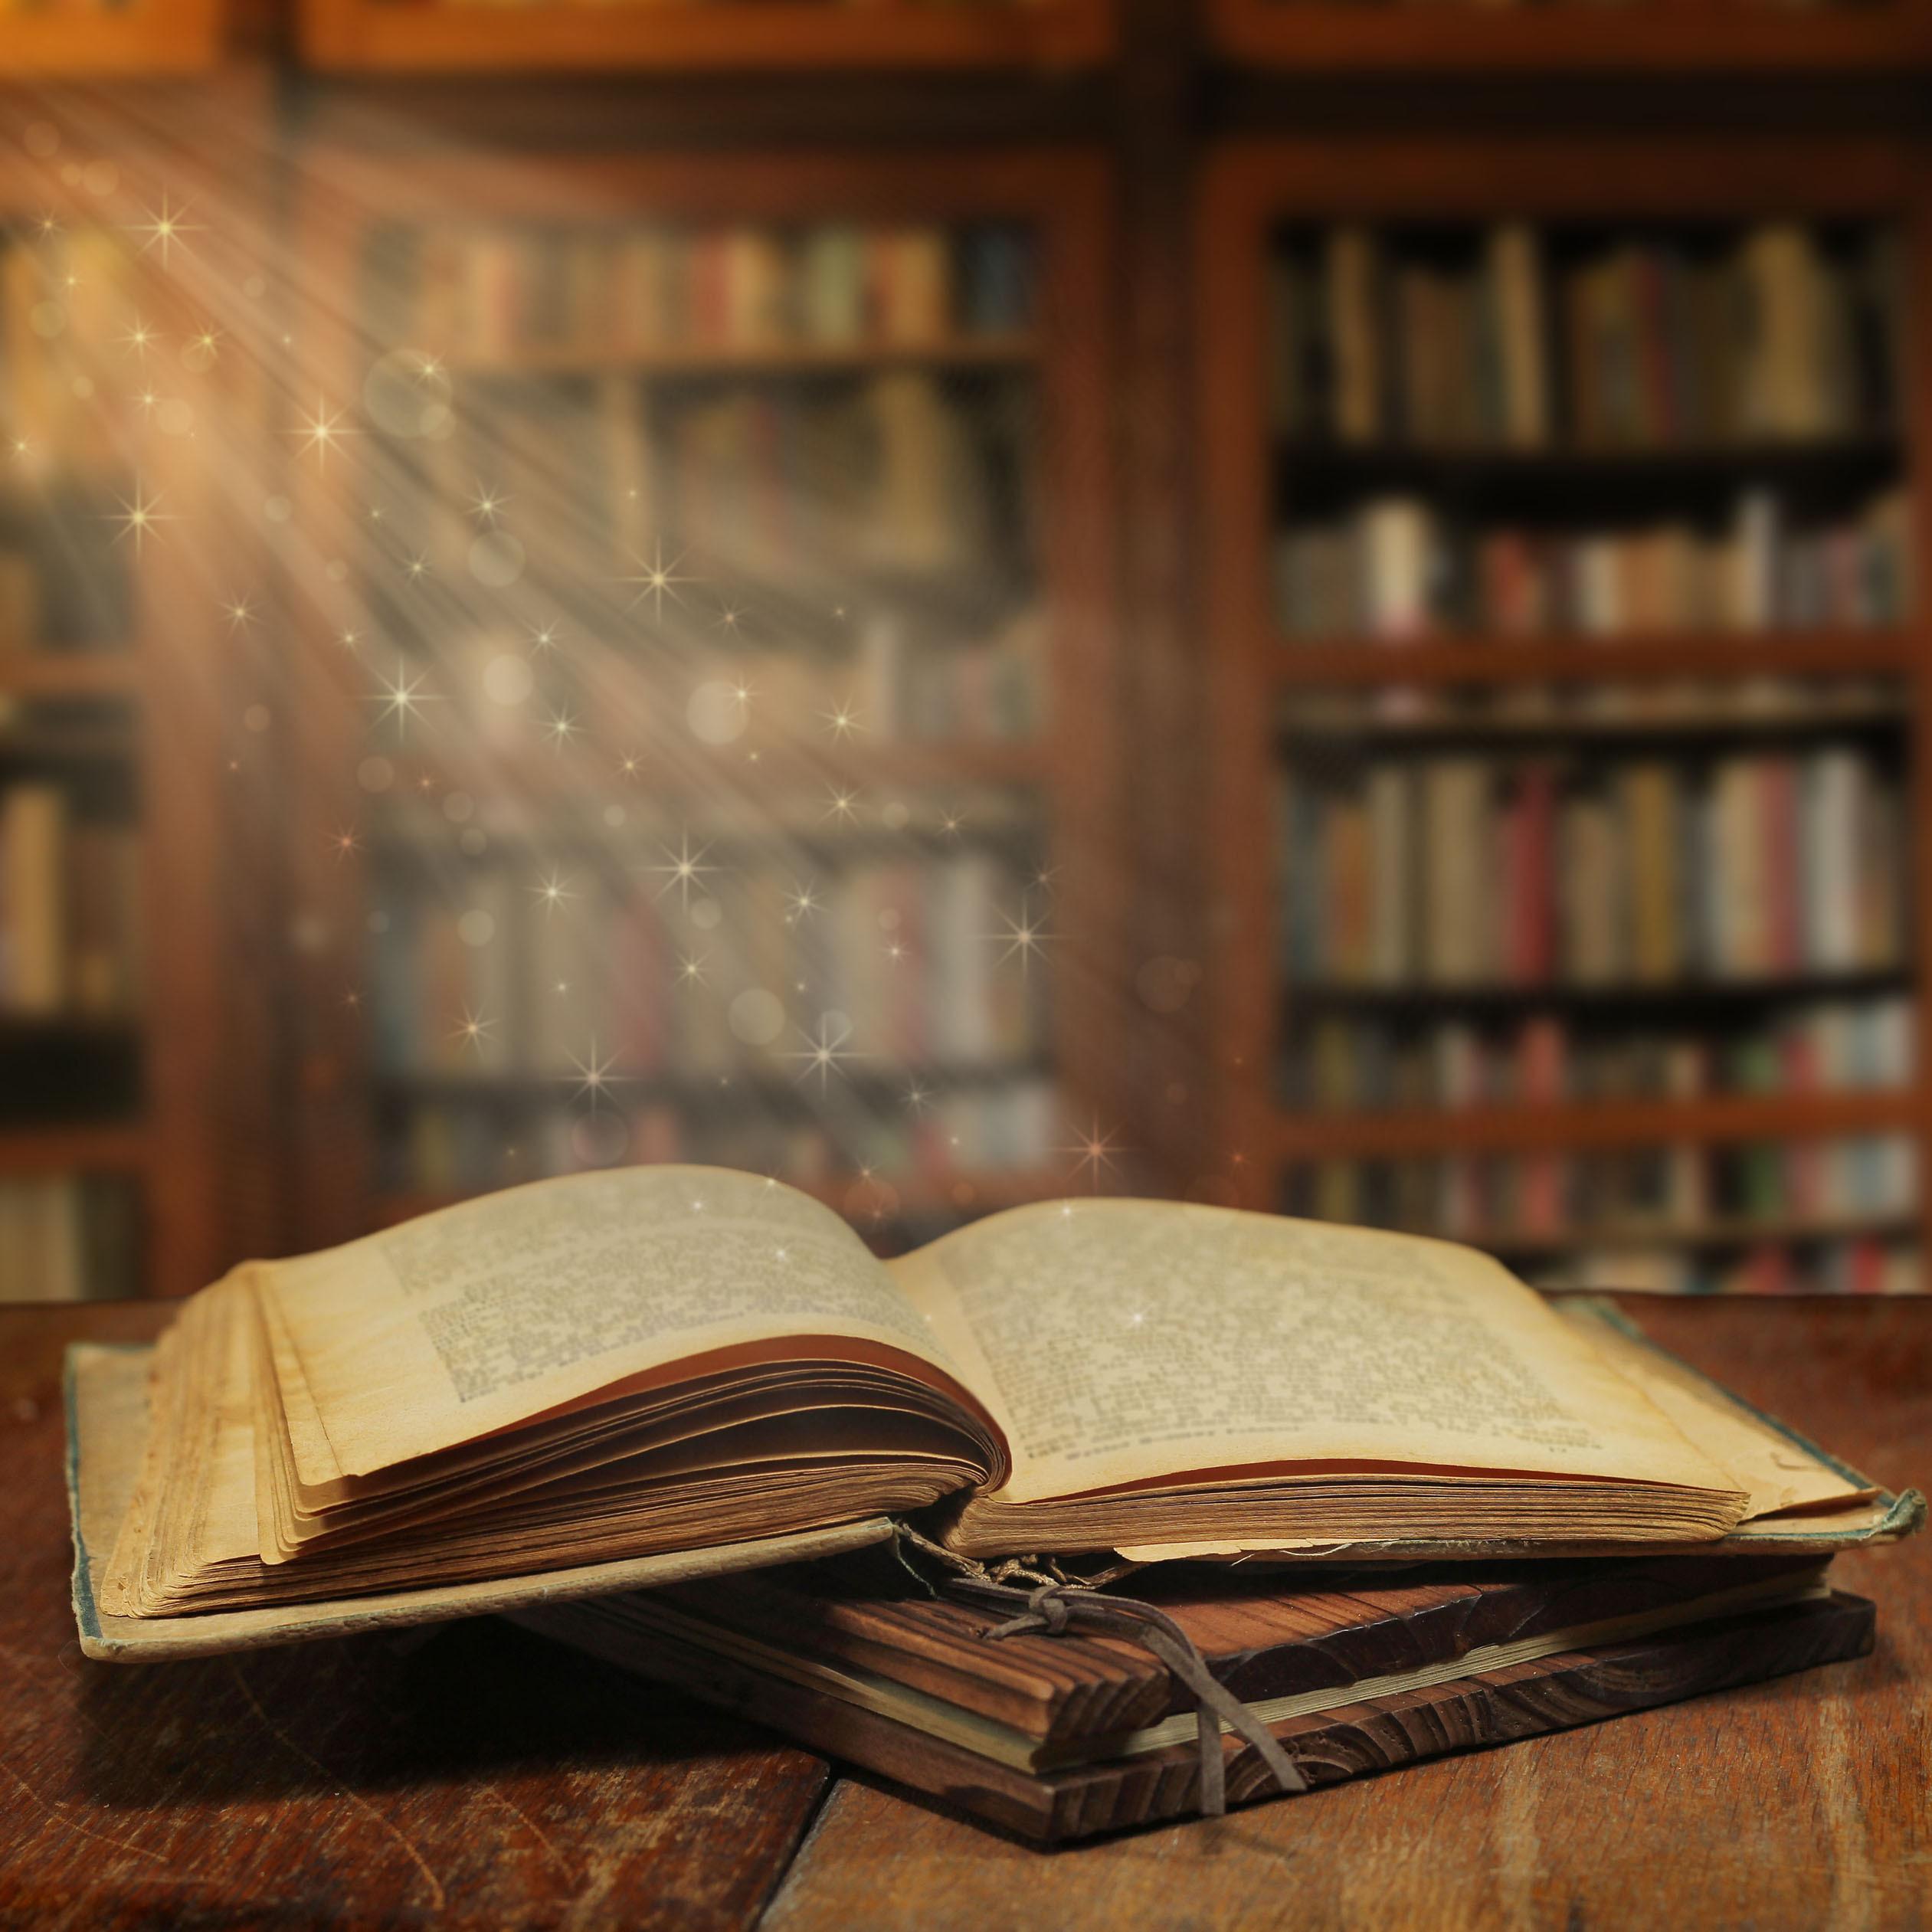 Книги, пыль, библиотека, любовь - картинка #2729843 от saaab.